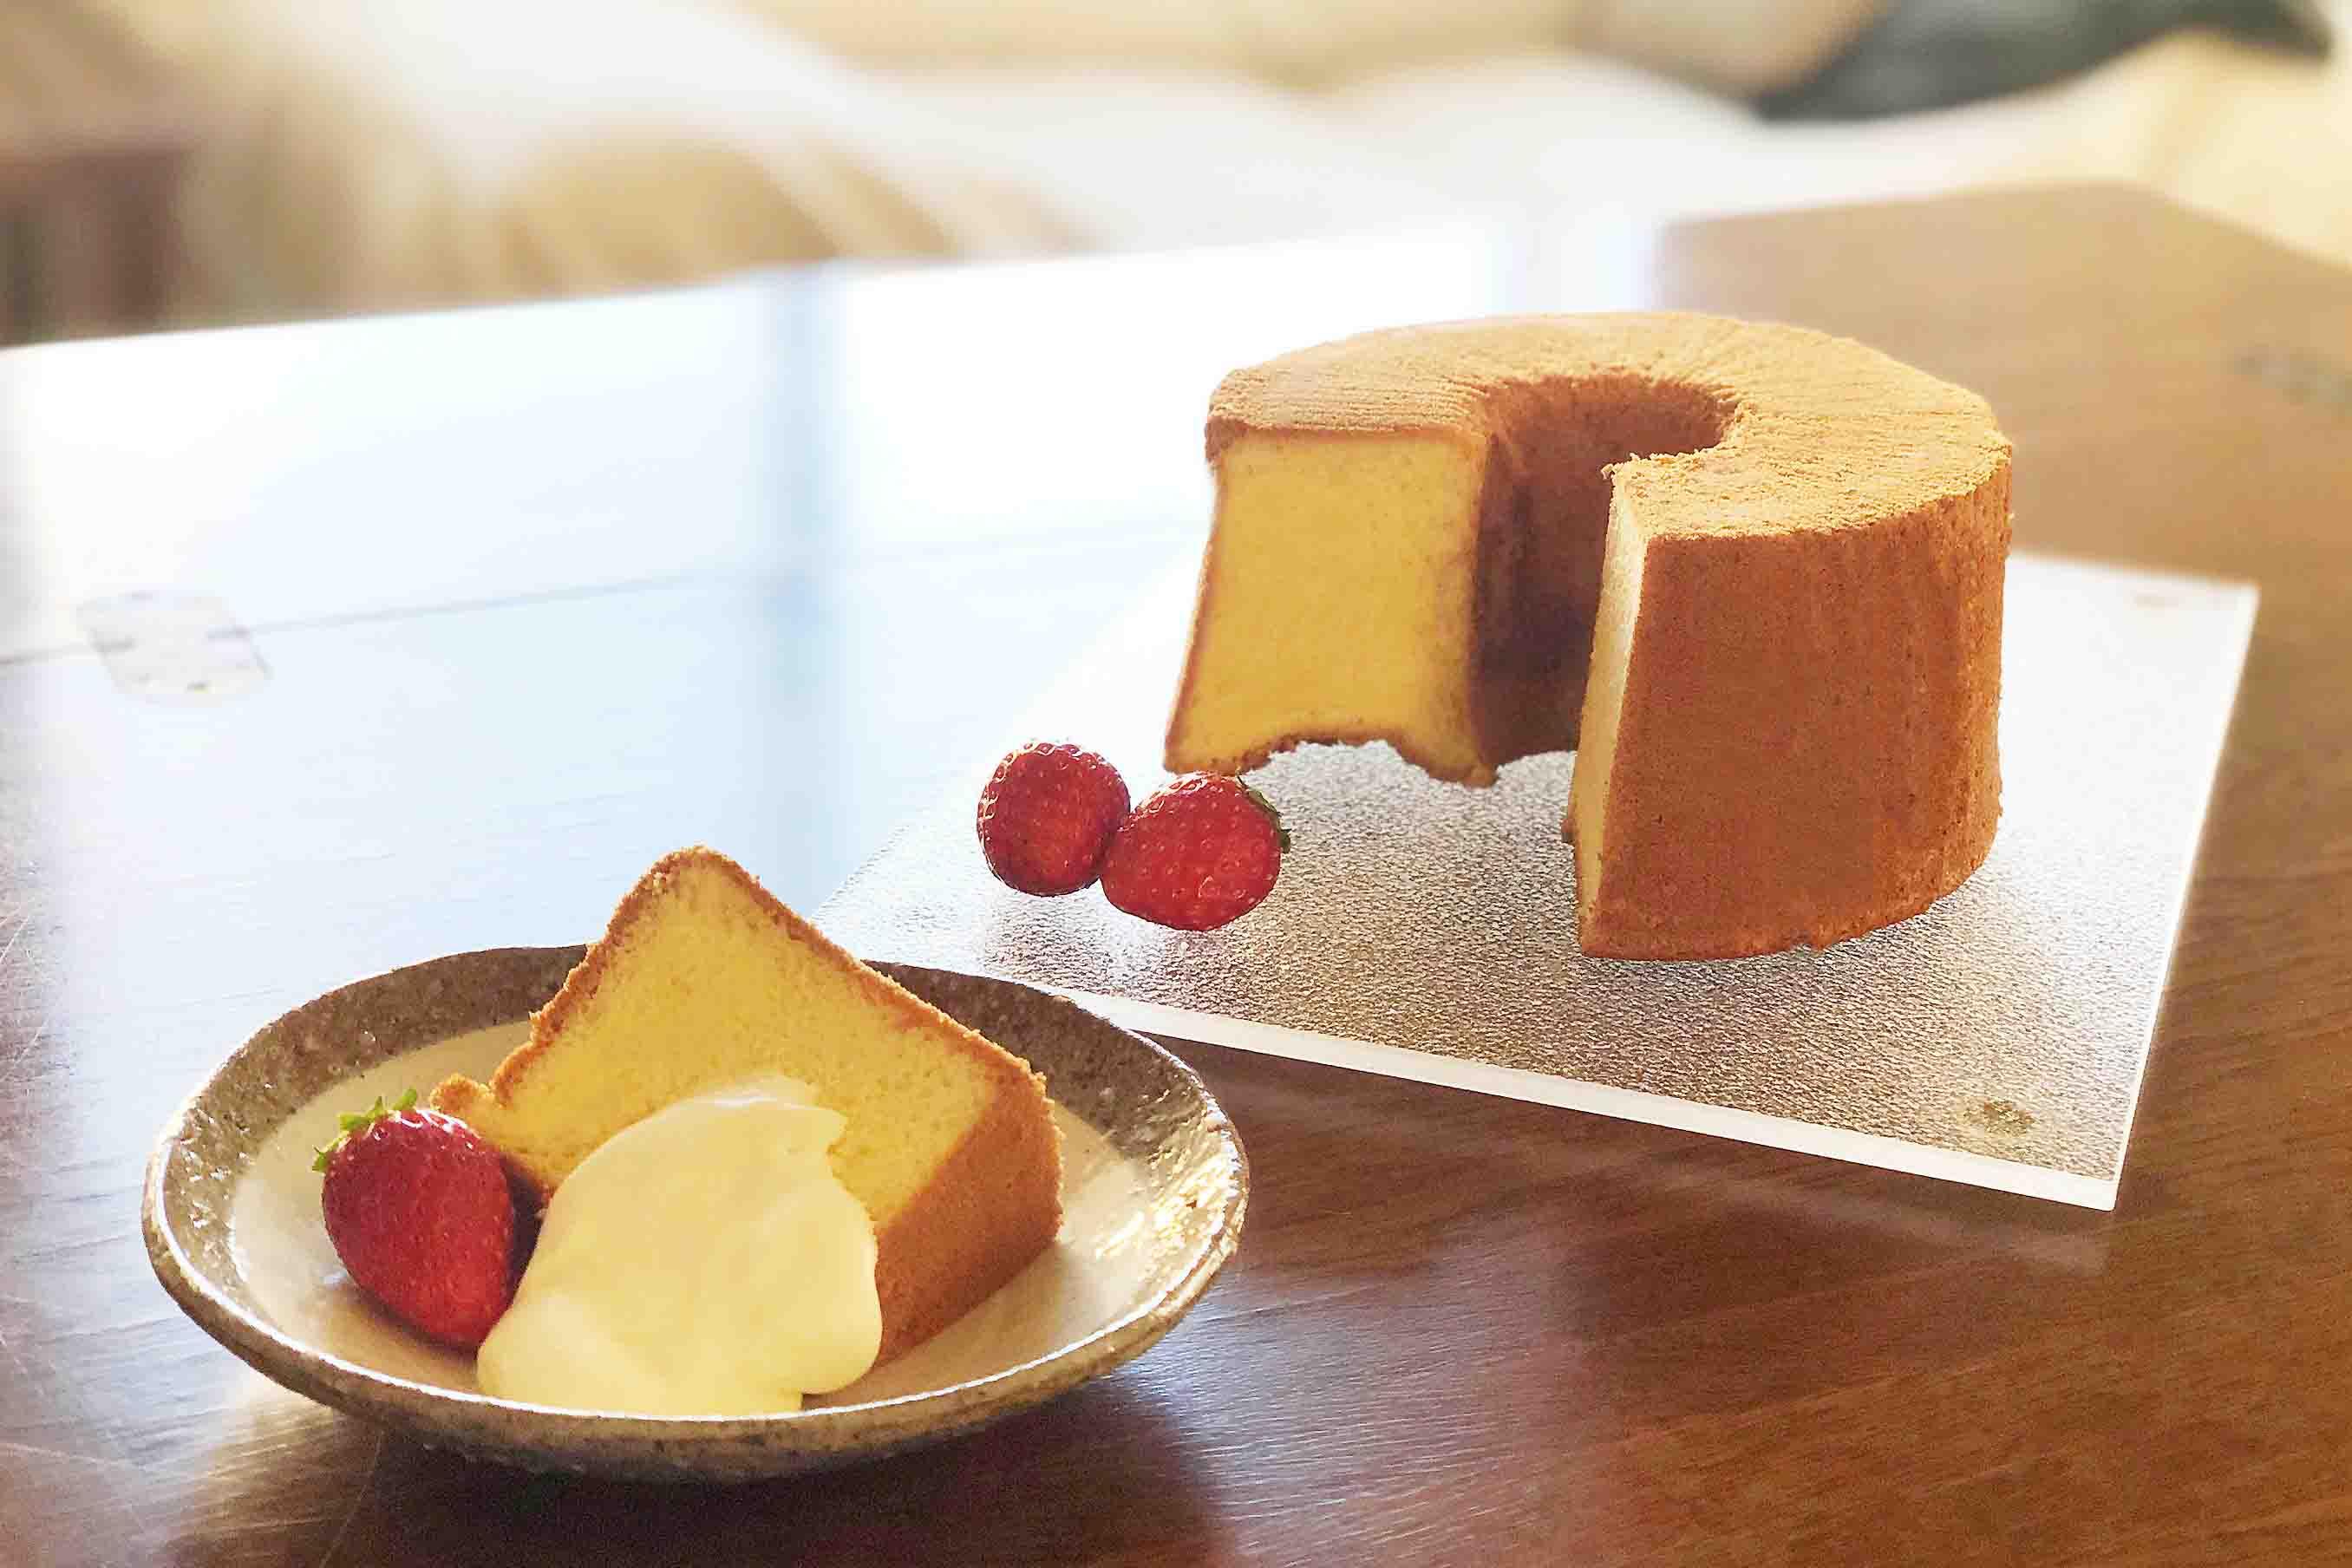 アルミ製のシフォンケーキ型で焼いたシフォンケーキ